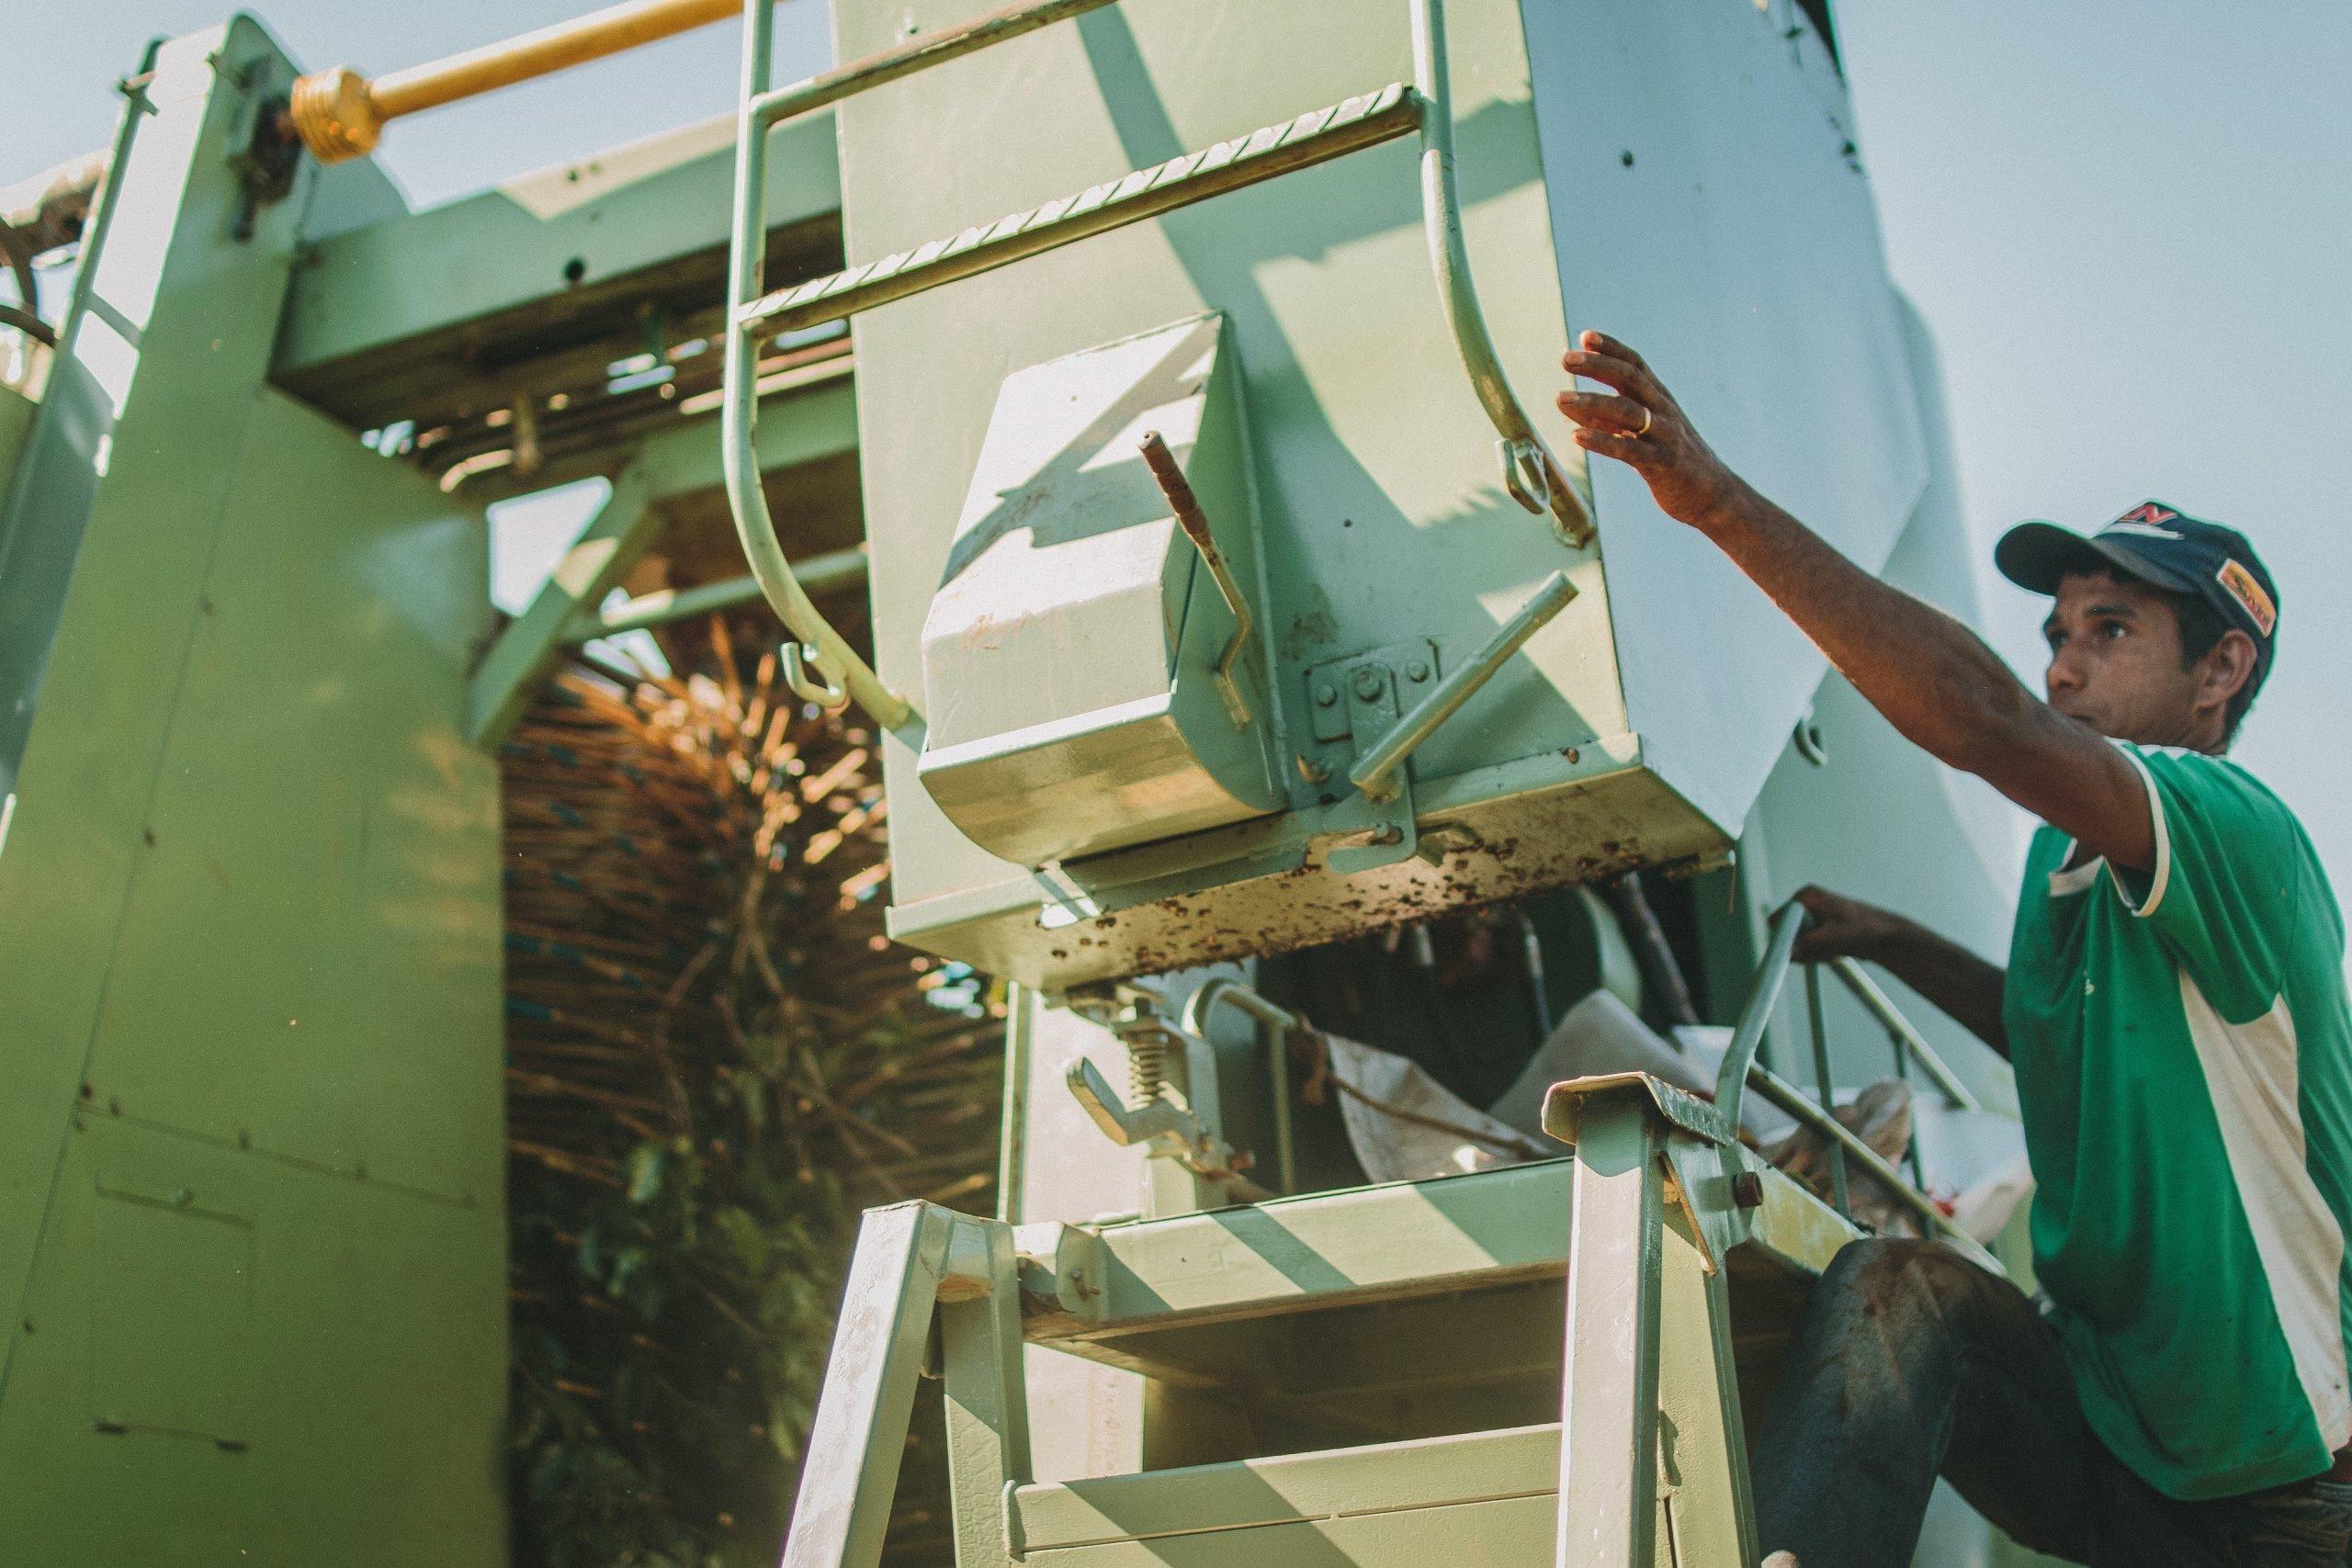 Homem manuseando máquina agrícola que colhe os grãos de café.